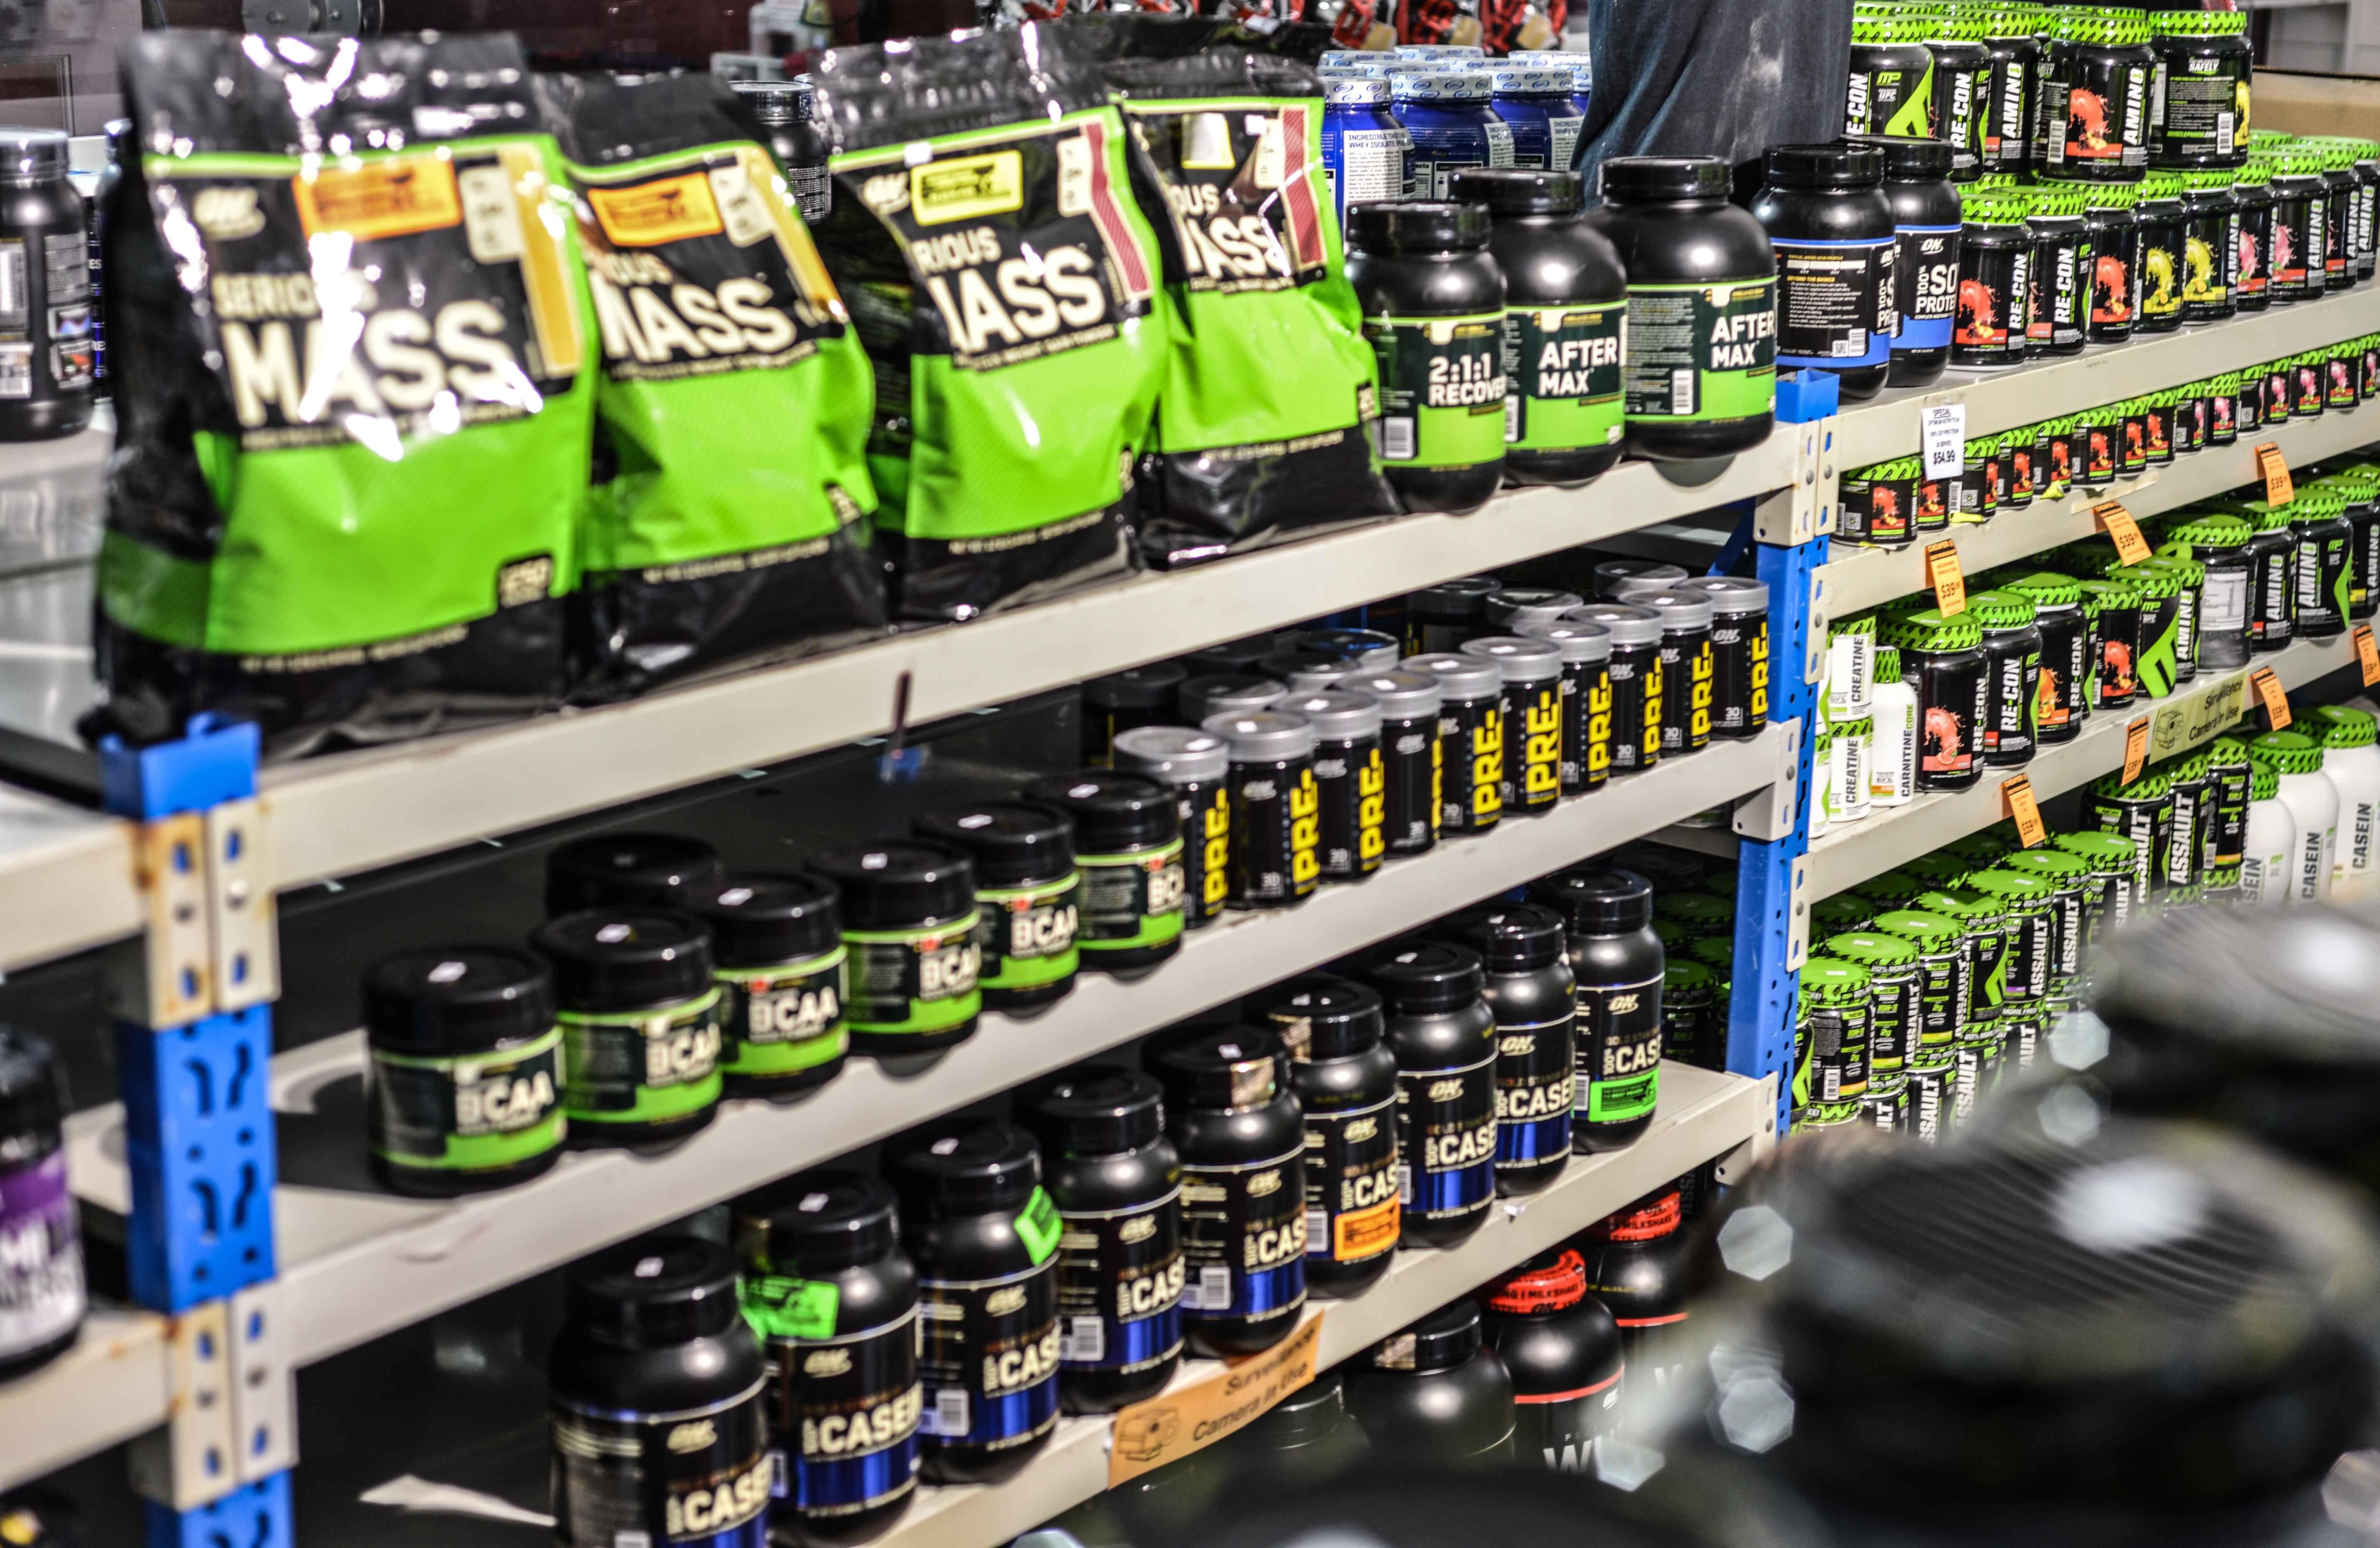 Bodybuilding Supplements Online Bodybuilding supplements